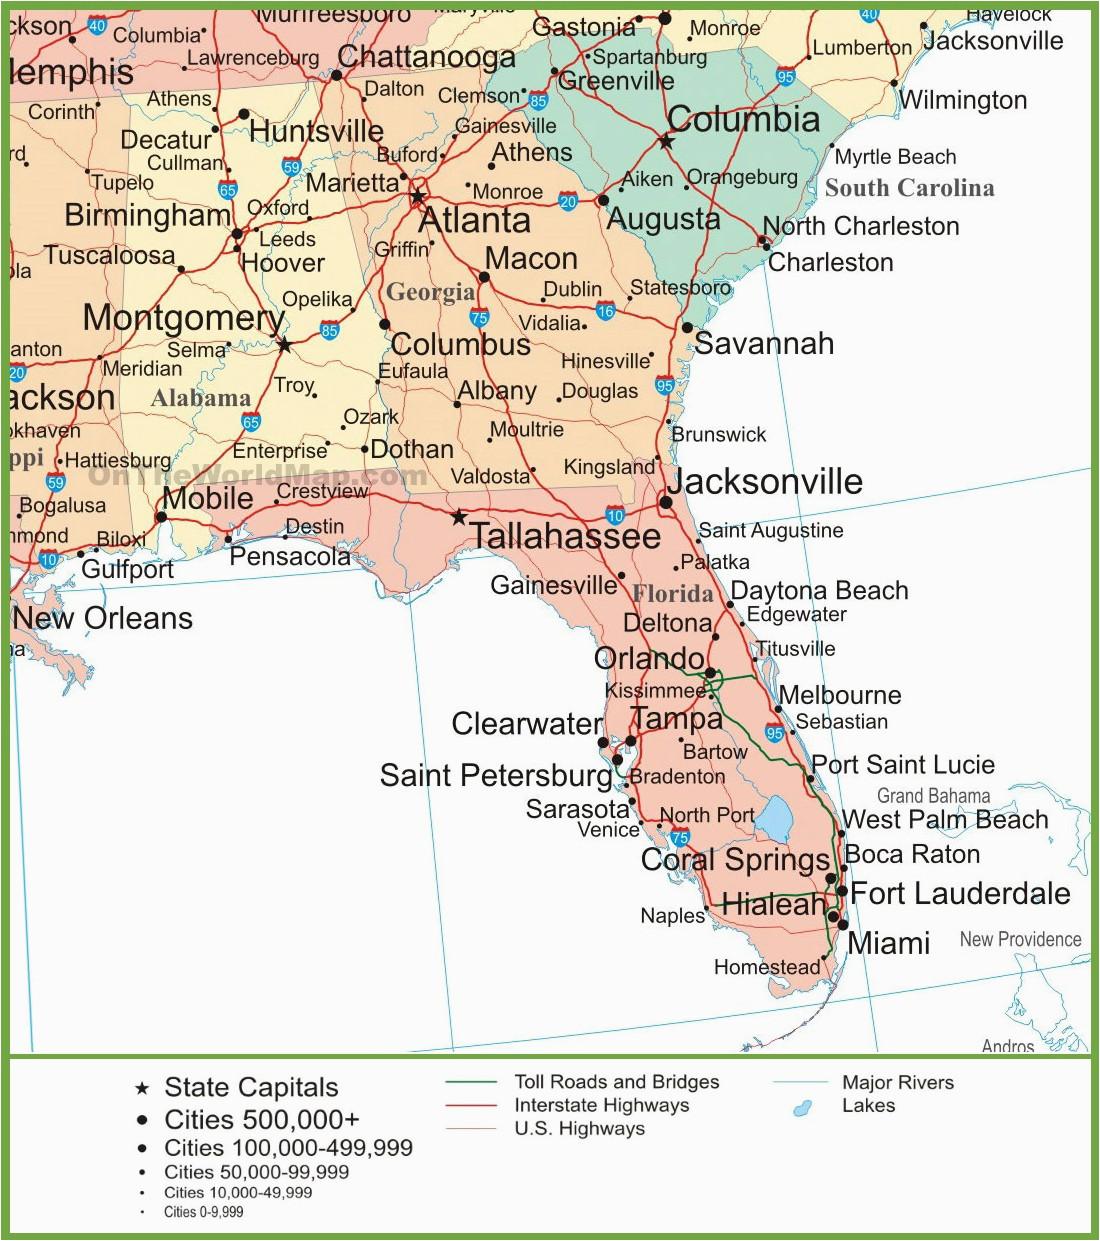 Florida Georgia Line Map | secretmuseum